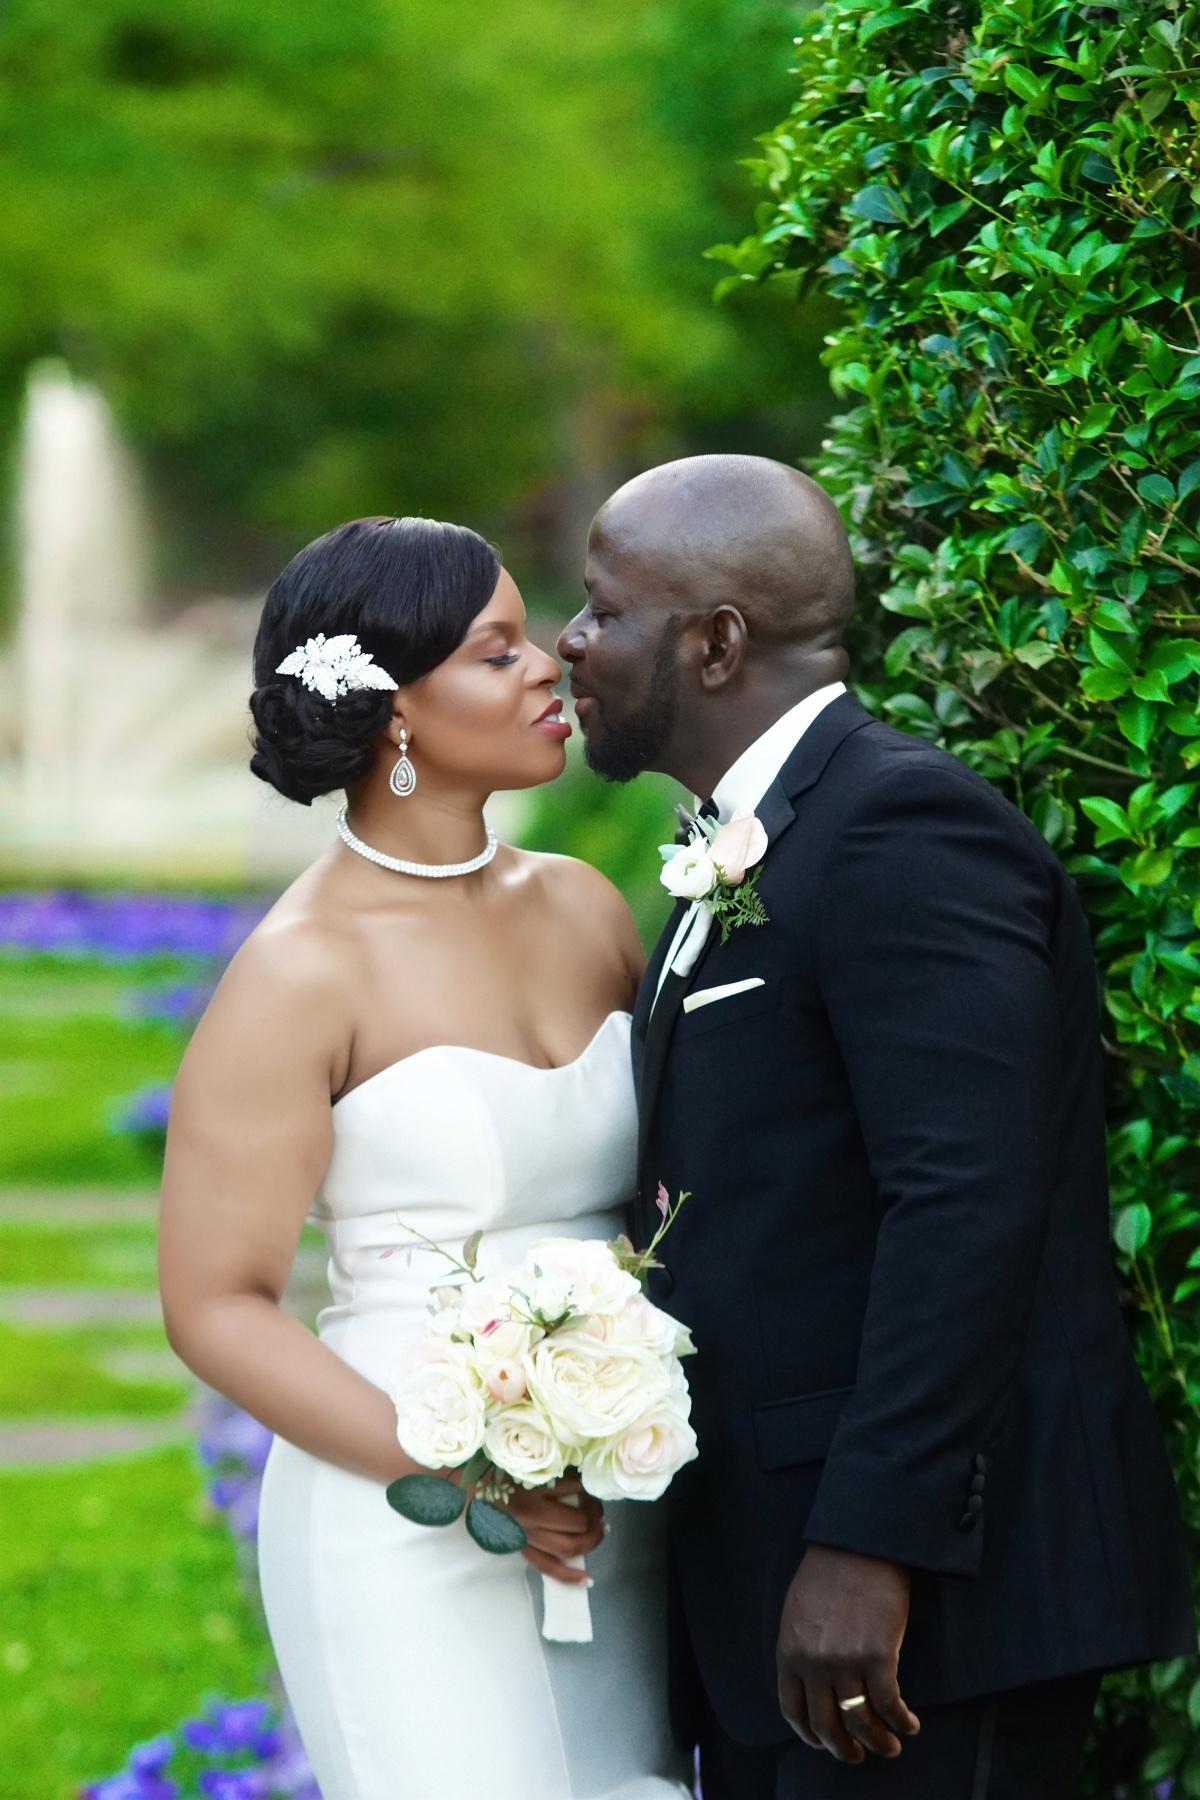 Stephanie & David's Wedding - DALLAS ABORETUM DALLAS TEXAS